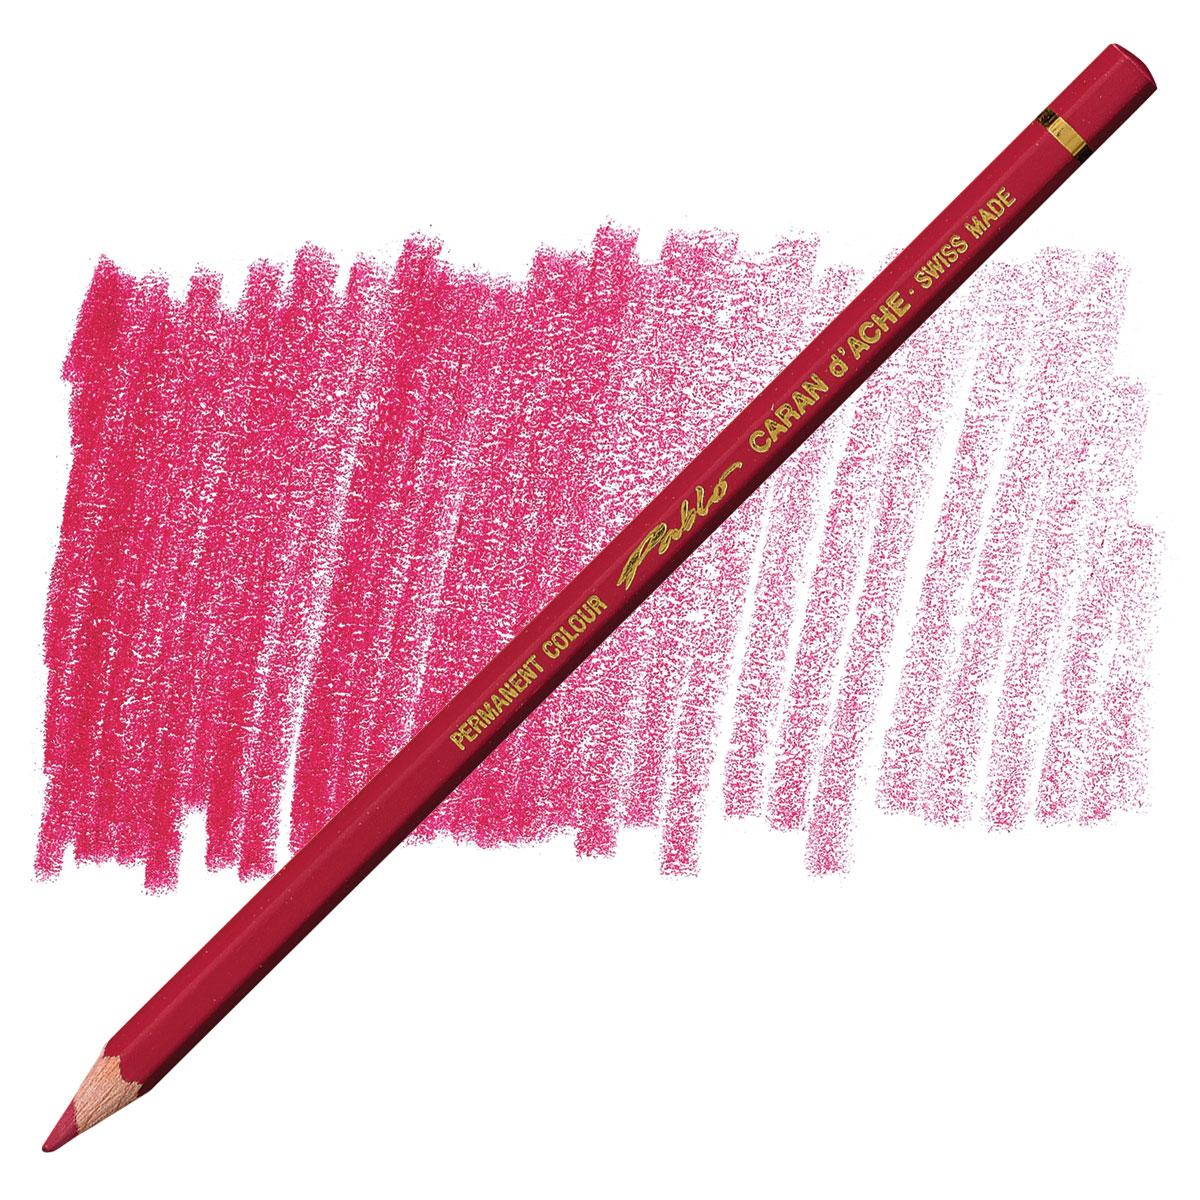 Carmine 666.080 Caran Dache Pablo Colored Pencil